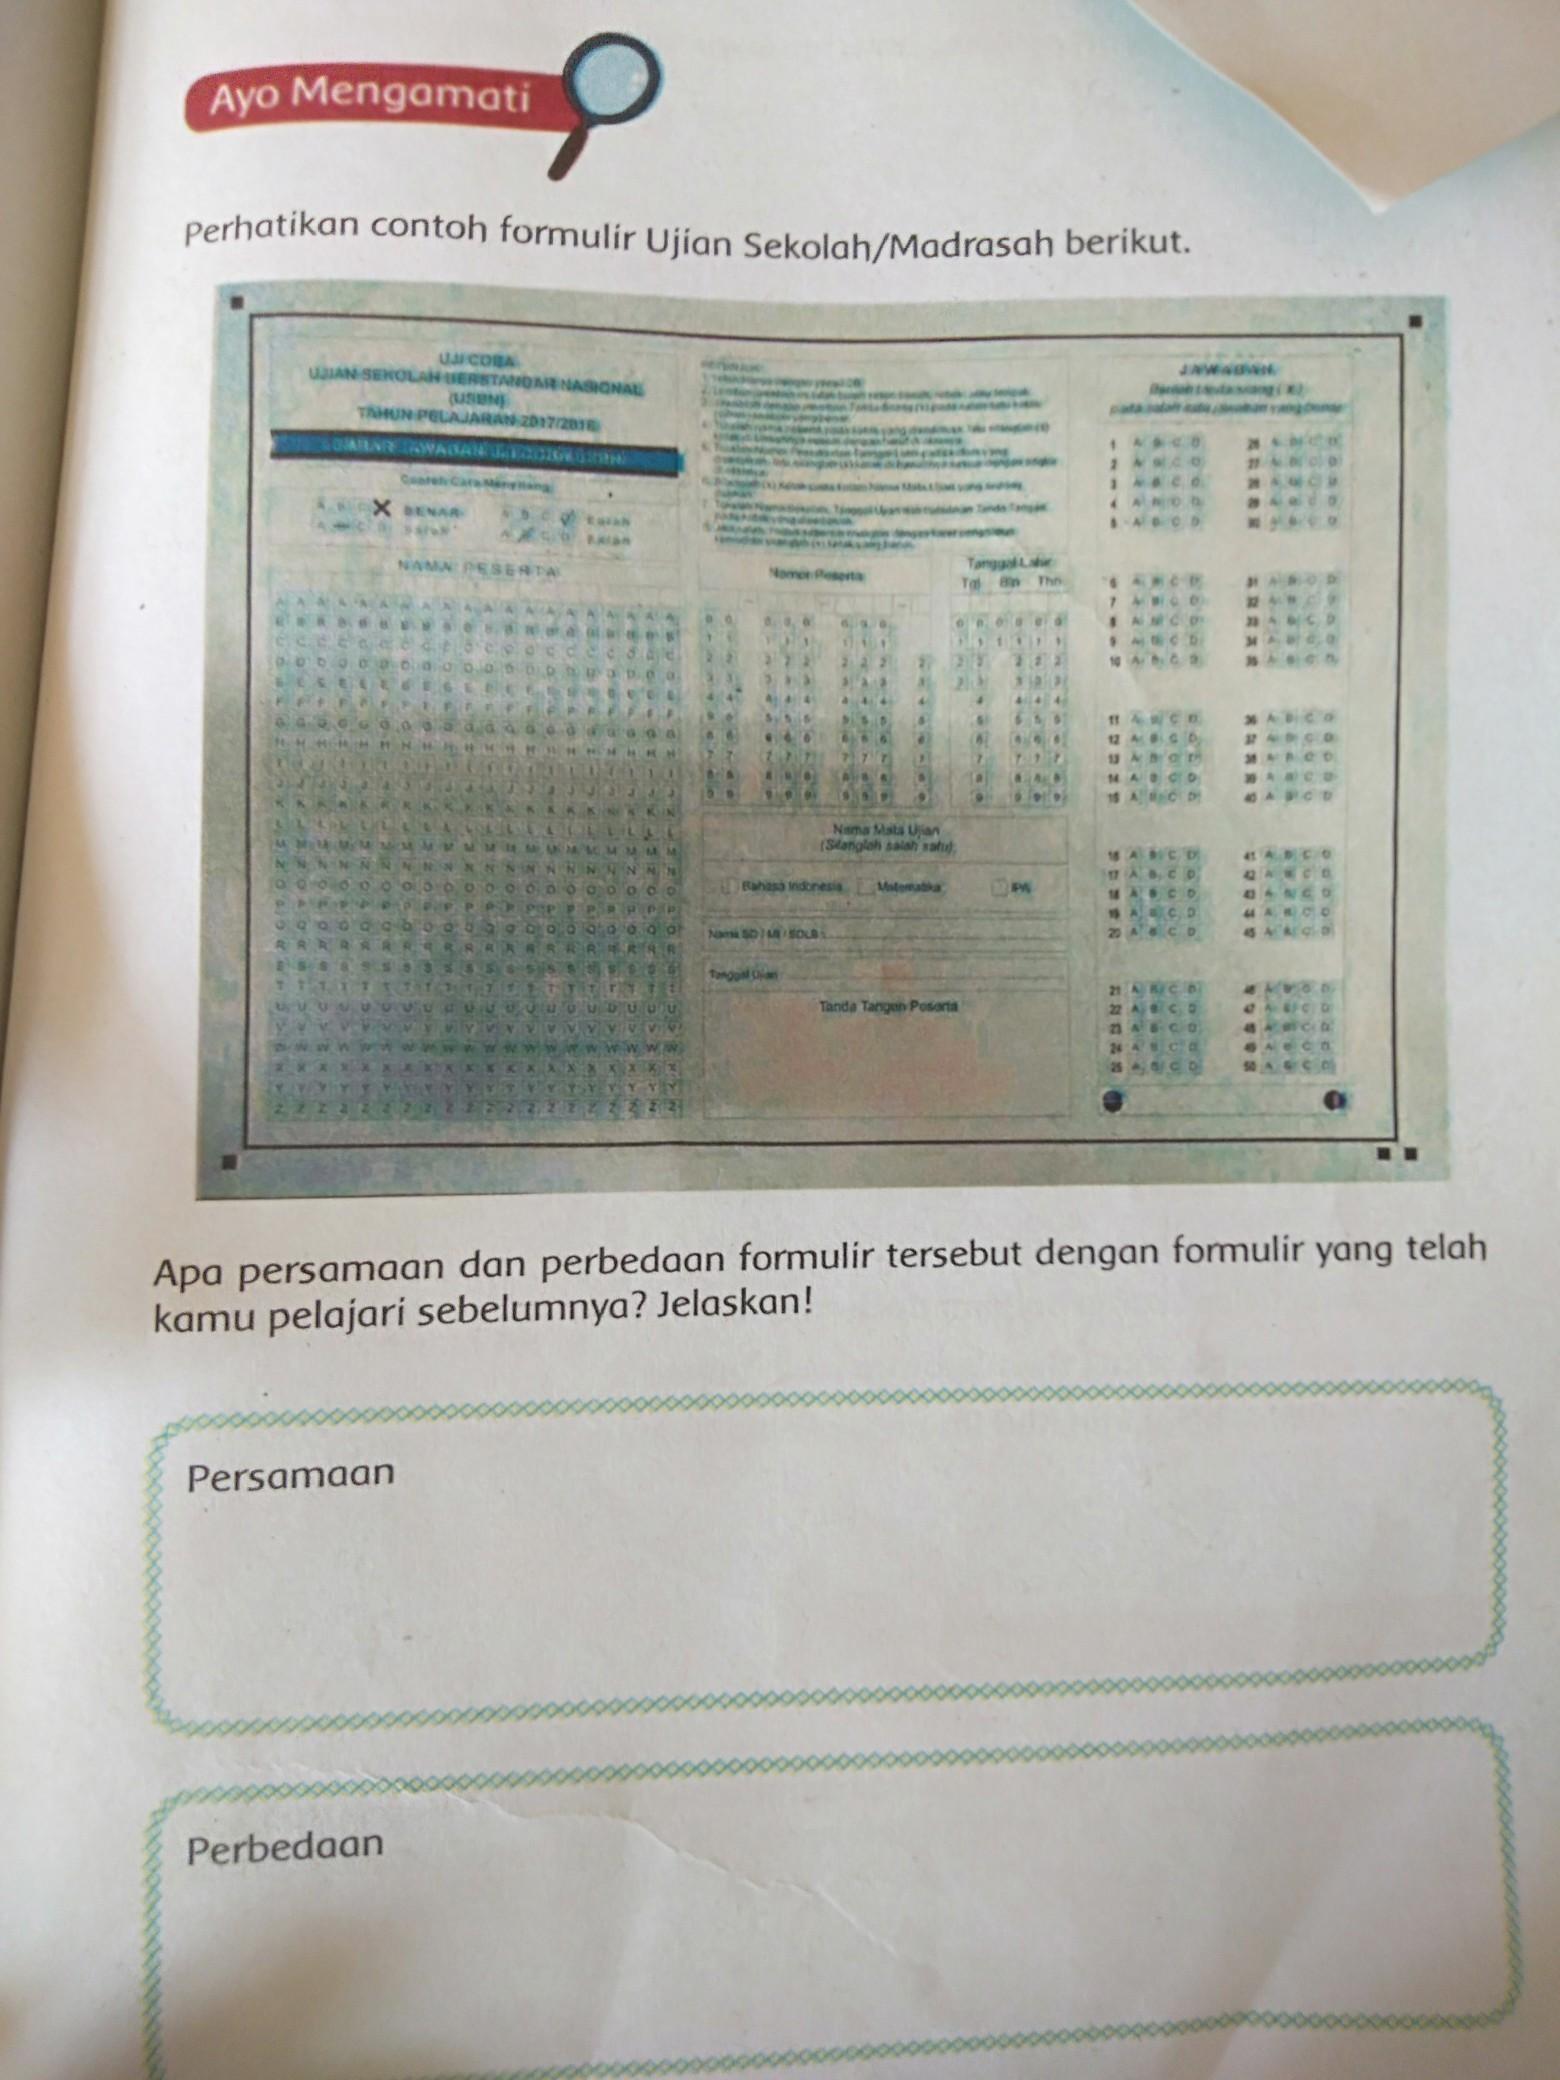 Formulir Pengiriman Barang : formulir, pengiriman, barang, Persamaan, Formulir, Ujian, Sekolah, Pengiriman, Barang?, Brainly.co.id